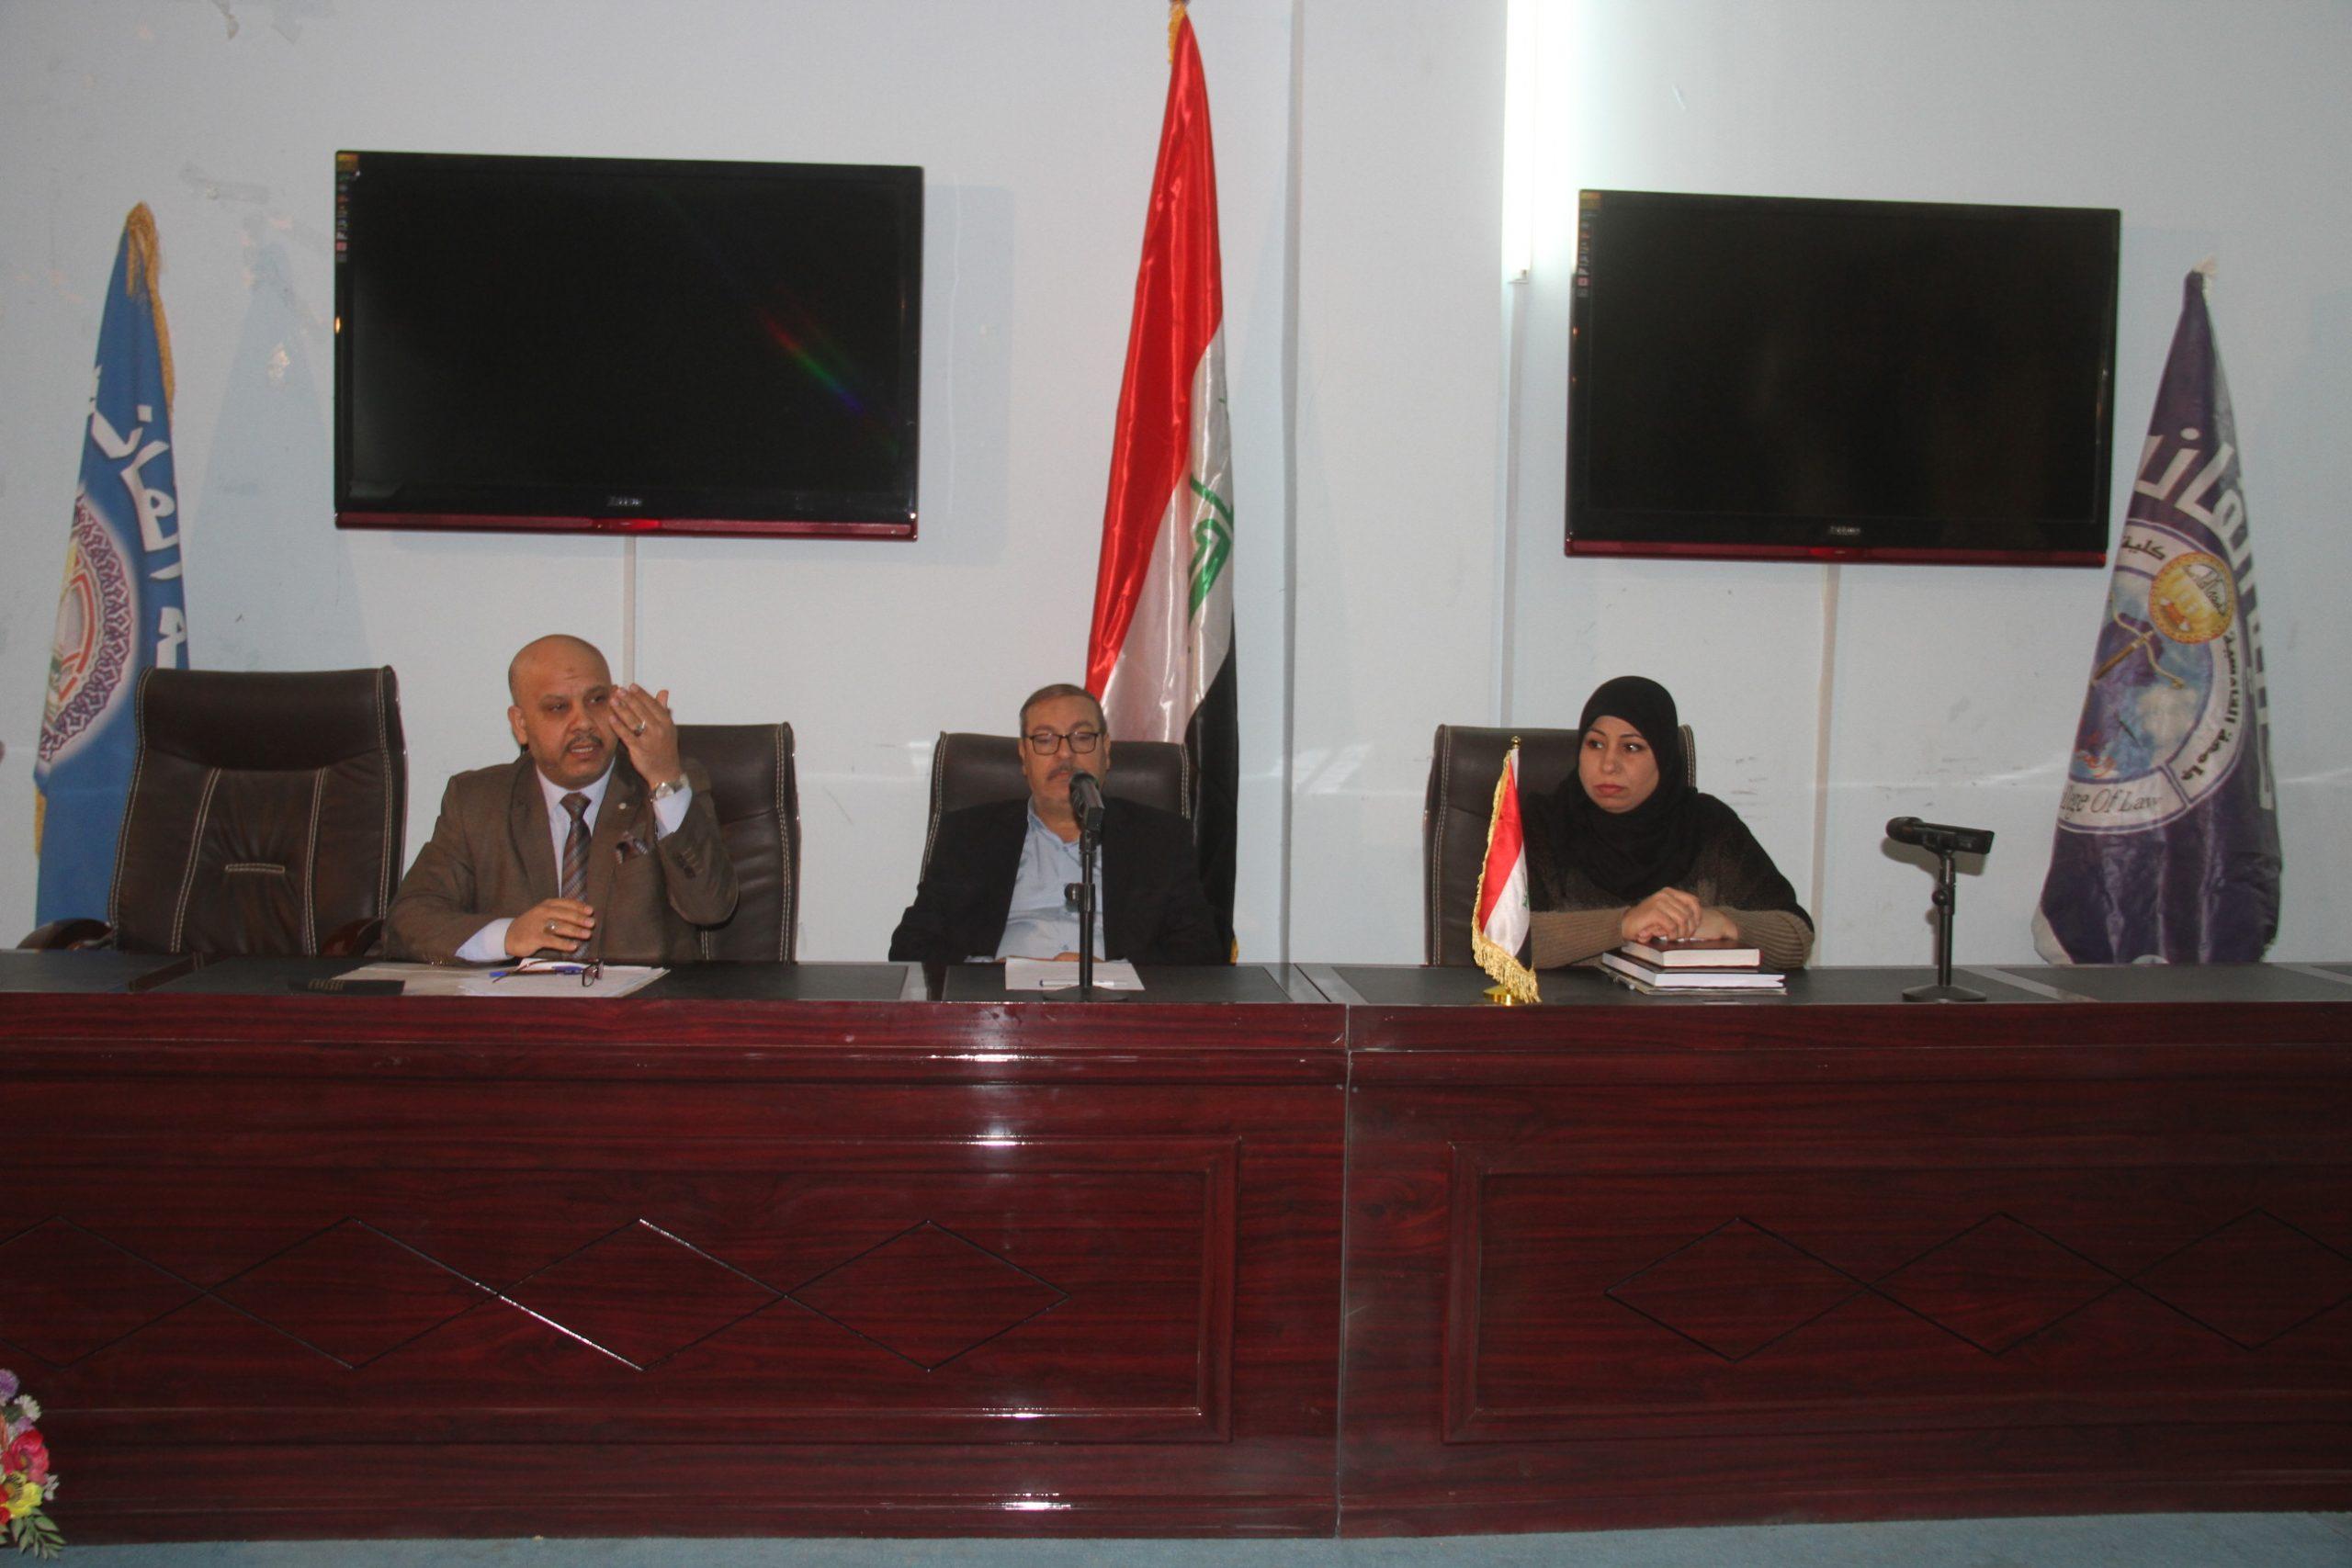 ندوة علمية بعنوان:إشكالية إدارة مشاريع النفط والغاز في  العراق